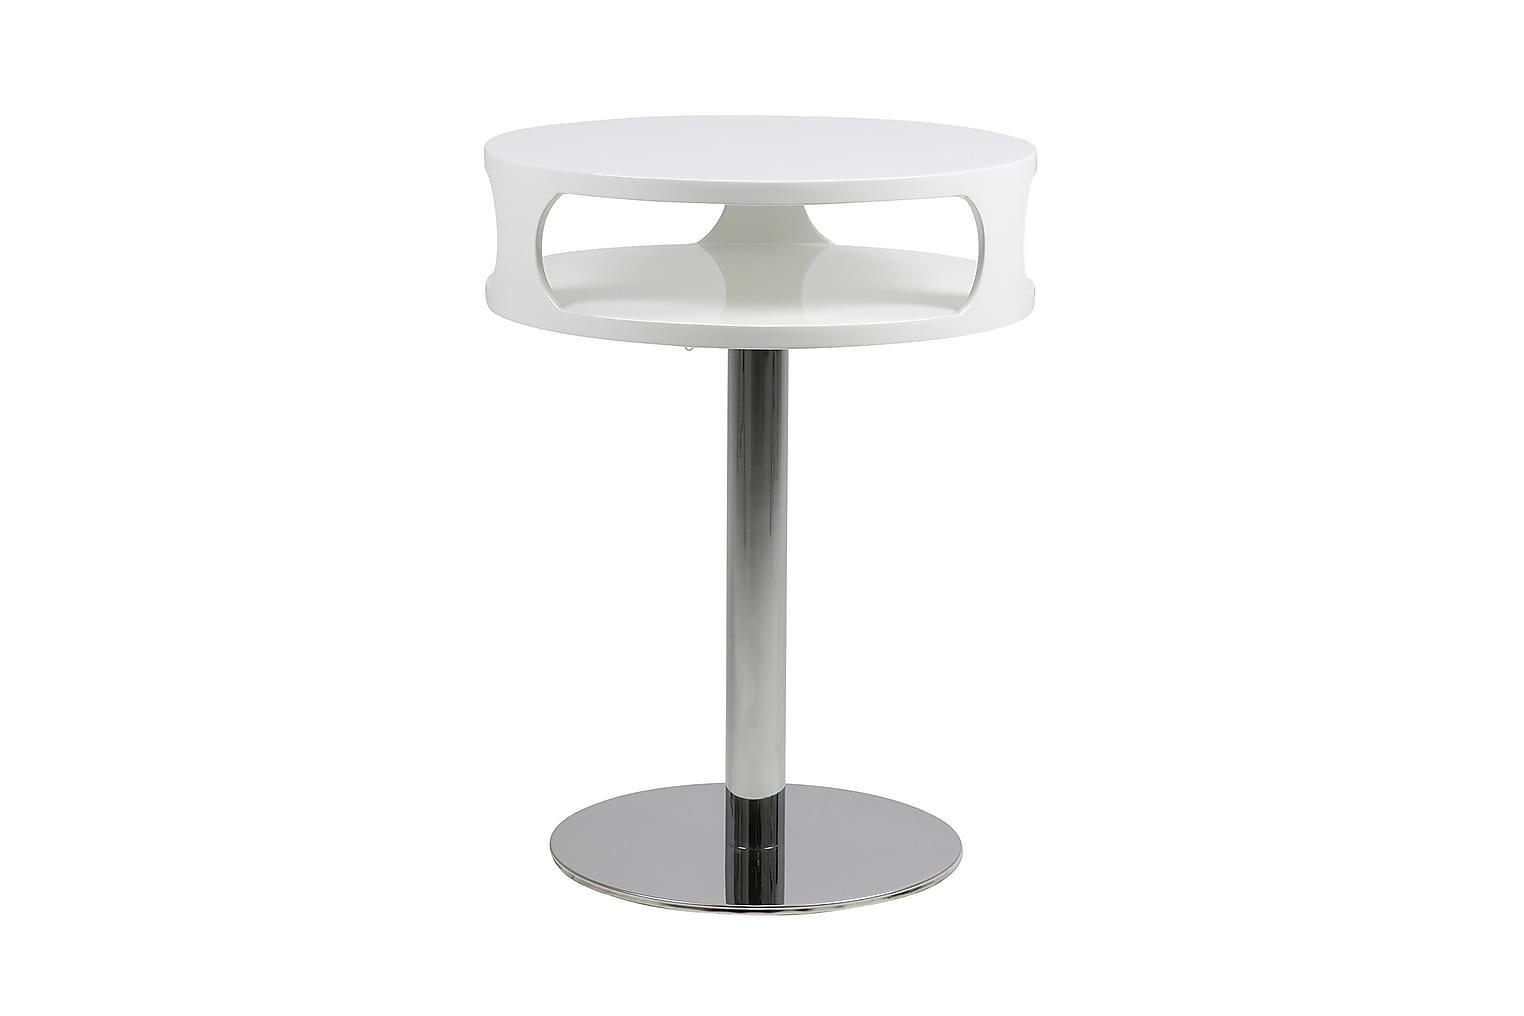 KASPER Sivupöytä 45 Korkeakiilto Valkoinen